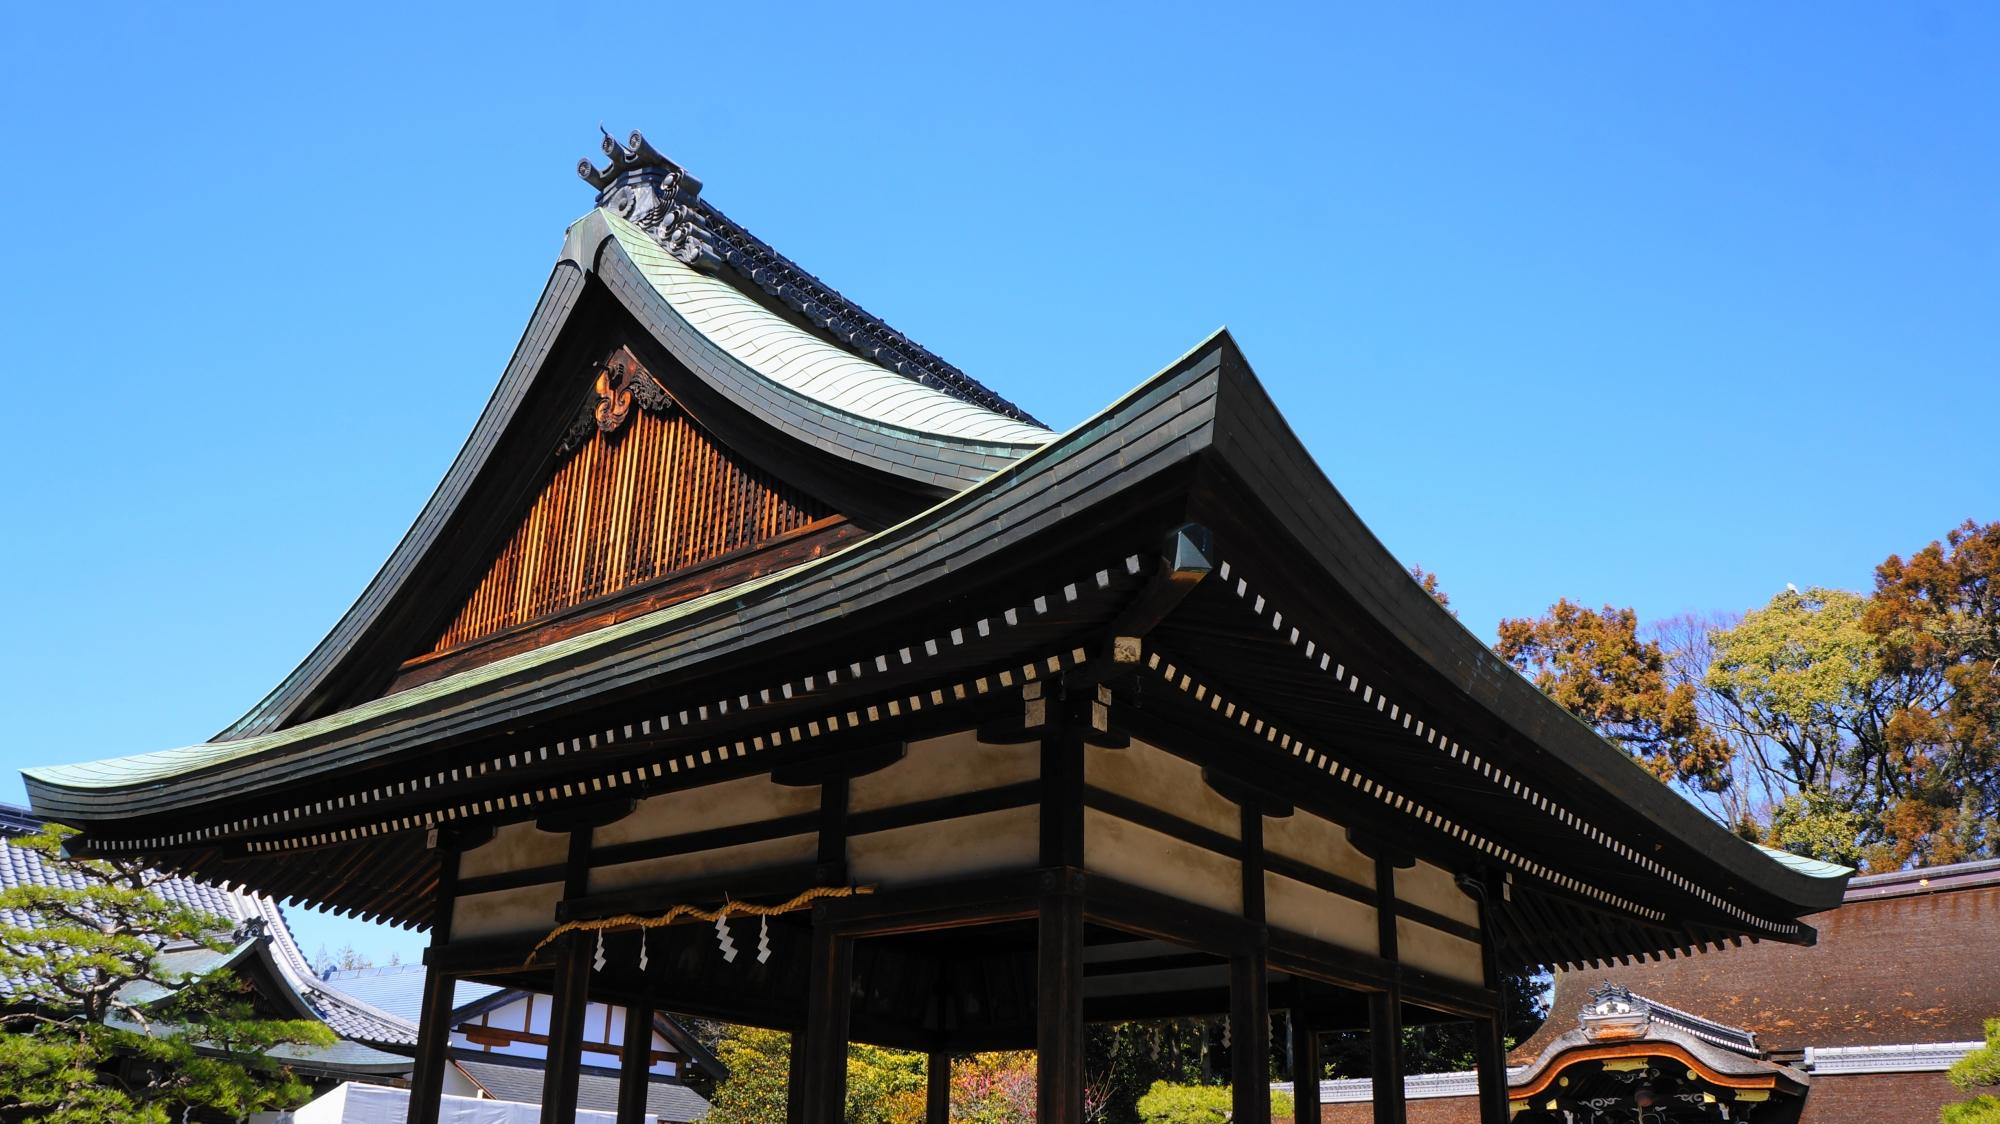 梅宮大社の爽快な青空の下の拝殿と本殿